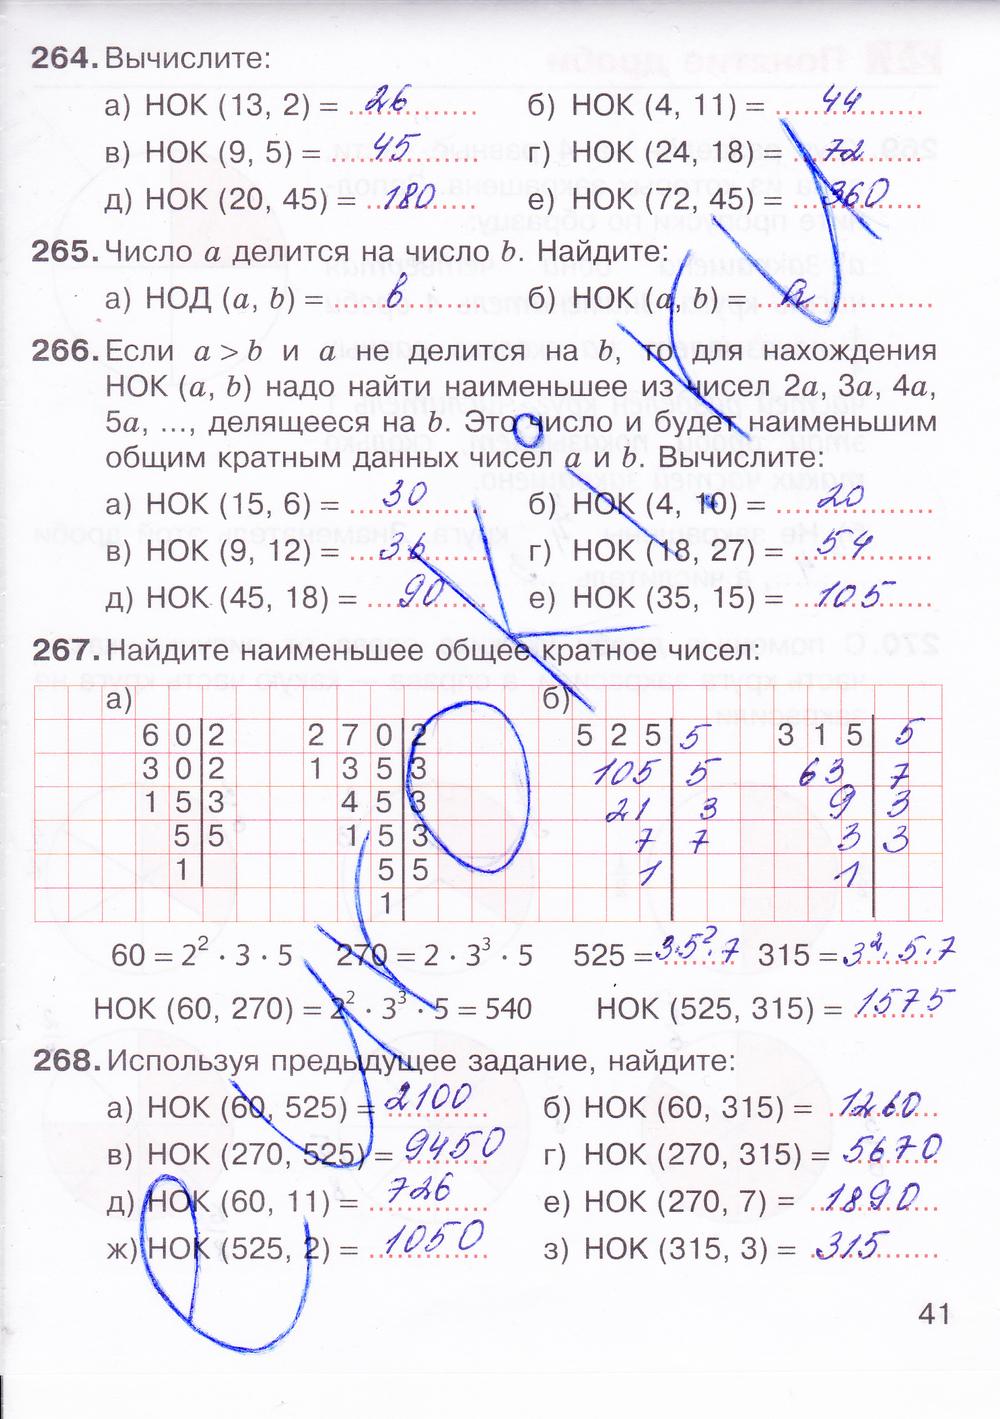 гдз по математике 6 класс никольский 1 часть рабочая тетрадь